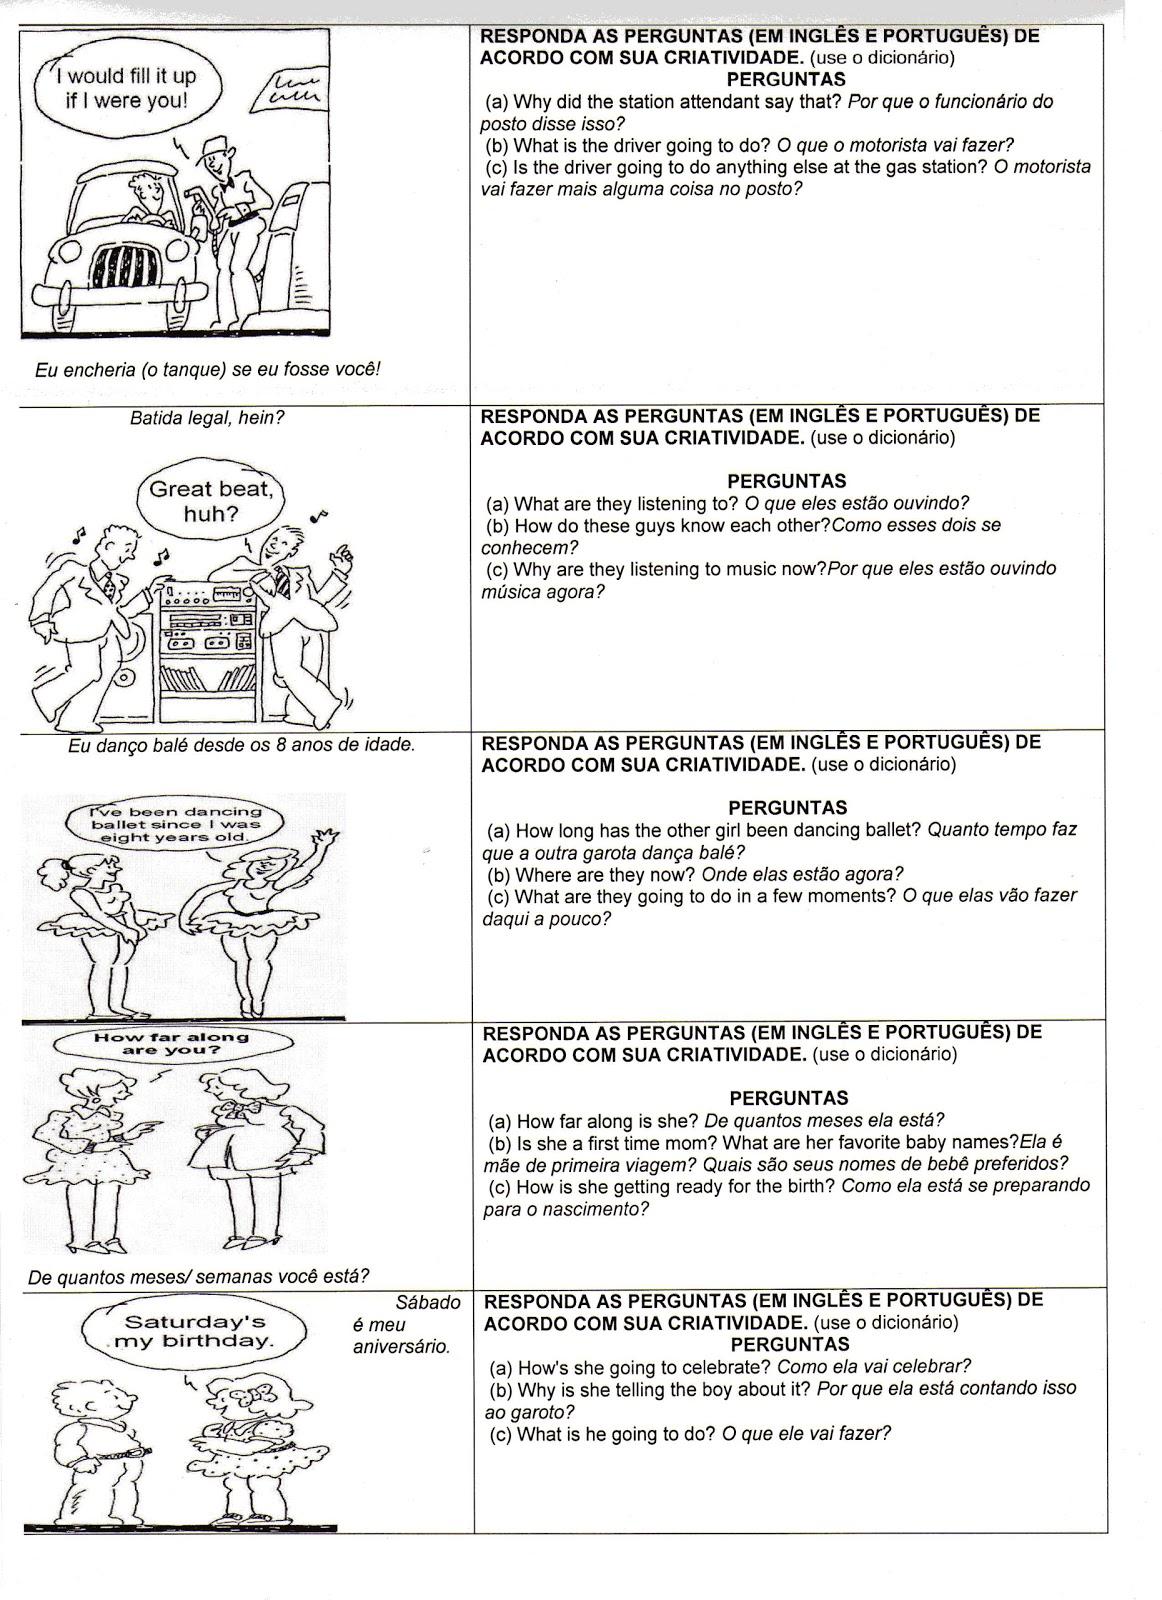 ATIVIDADES DIVERSAS CLÁUDIA INGLÊS 1 ATIVIDADES DE INGLÊS TRADUÇÃO -> Banheiro Feminino Em Ingles Traducao